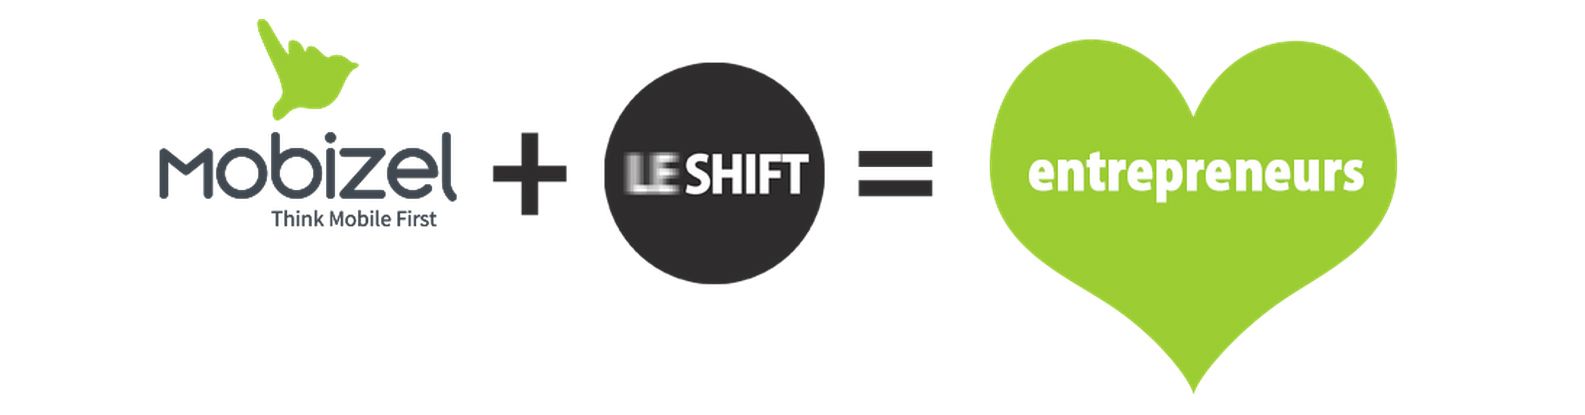 mobizel_partenaire_shiftcamp